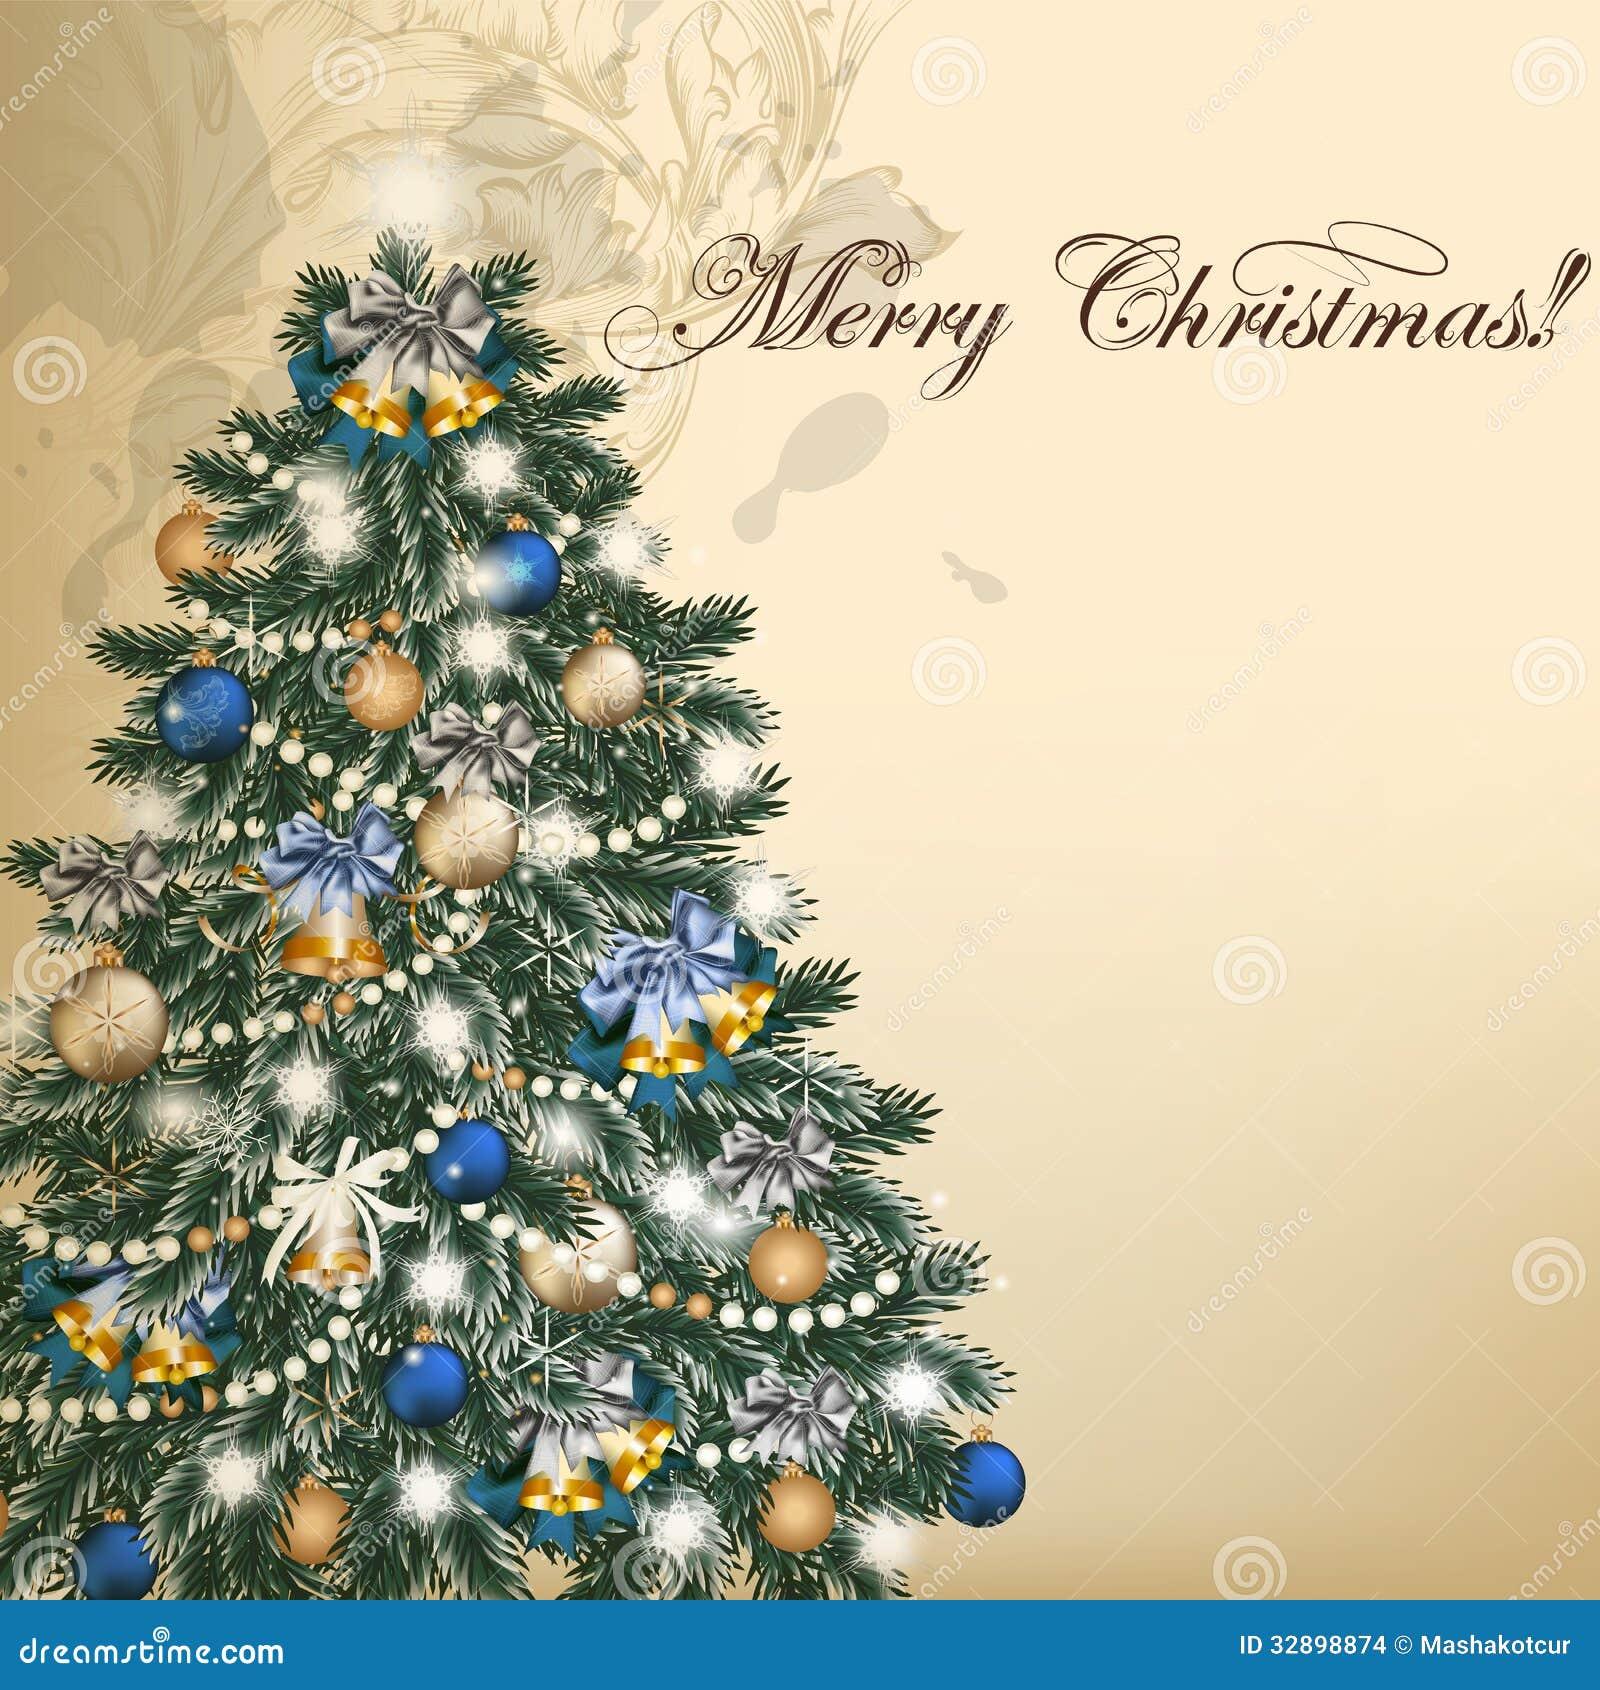 Alberi Di Natale Per Auguri.Cartolina D Auguri D Annata Di Vettore Di Natale Con L Albero Di Natale Illustrazione Vettoriale Illustrazione Di Evergreen Decorativo 32898874